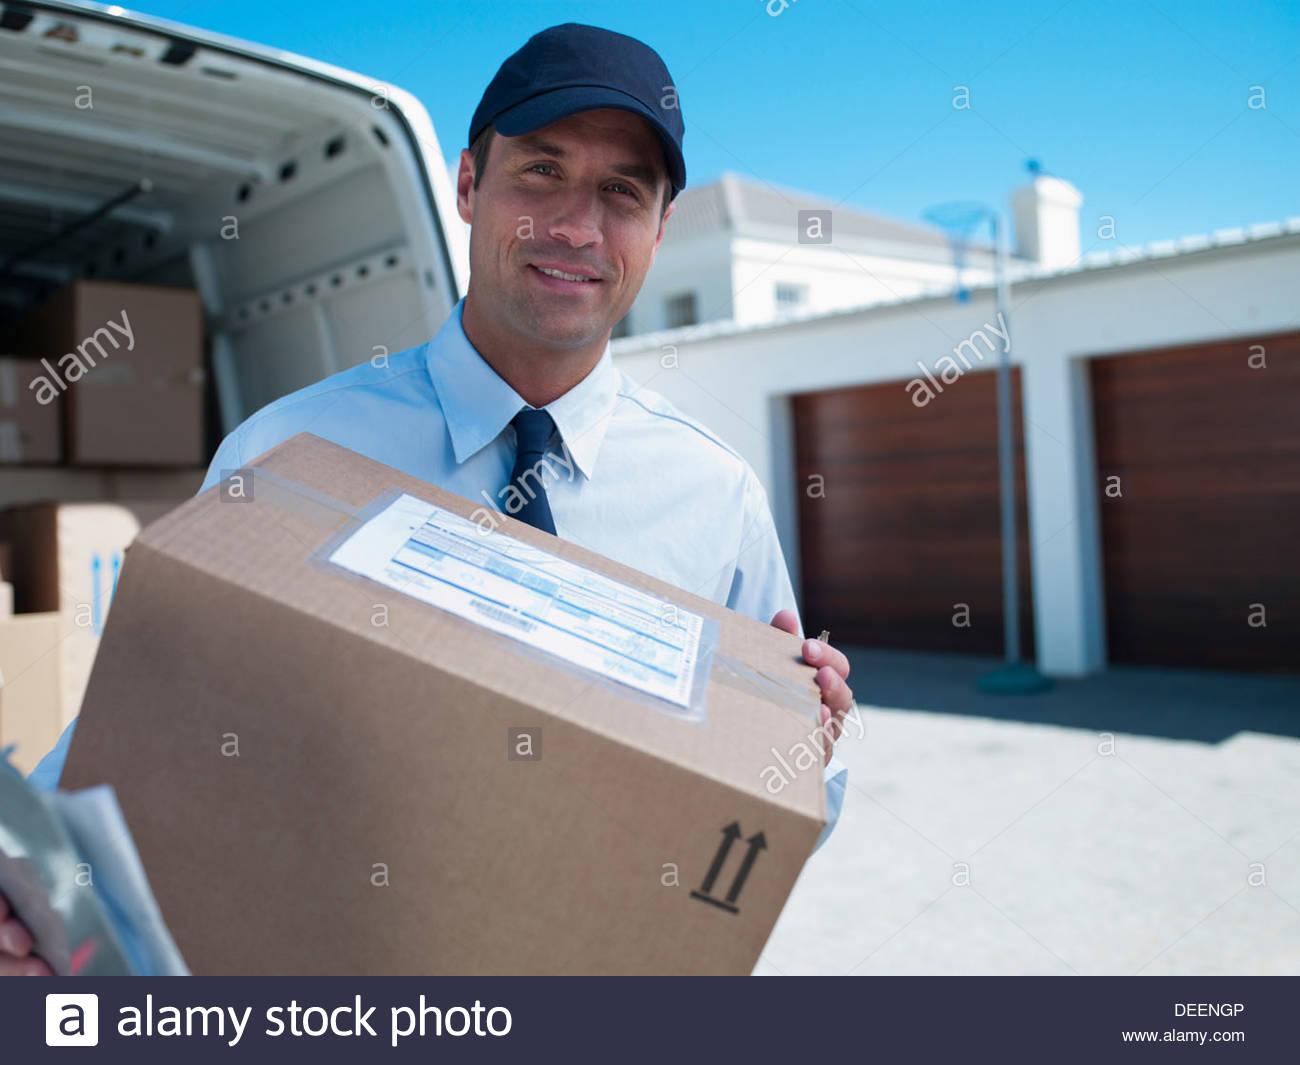 Persona entrega macho en cap con furgón y cajas Imagen De Stock